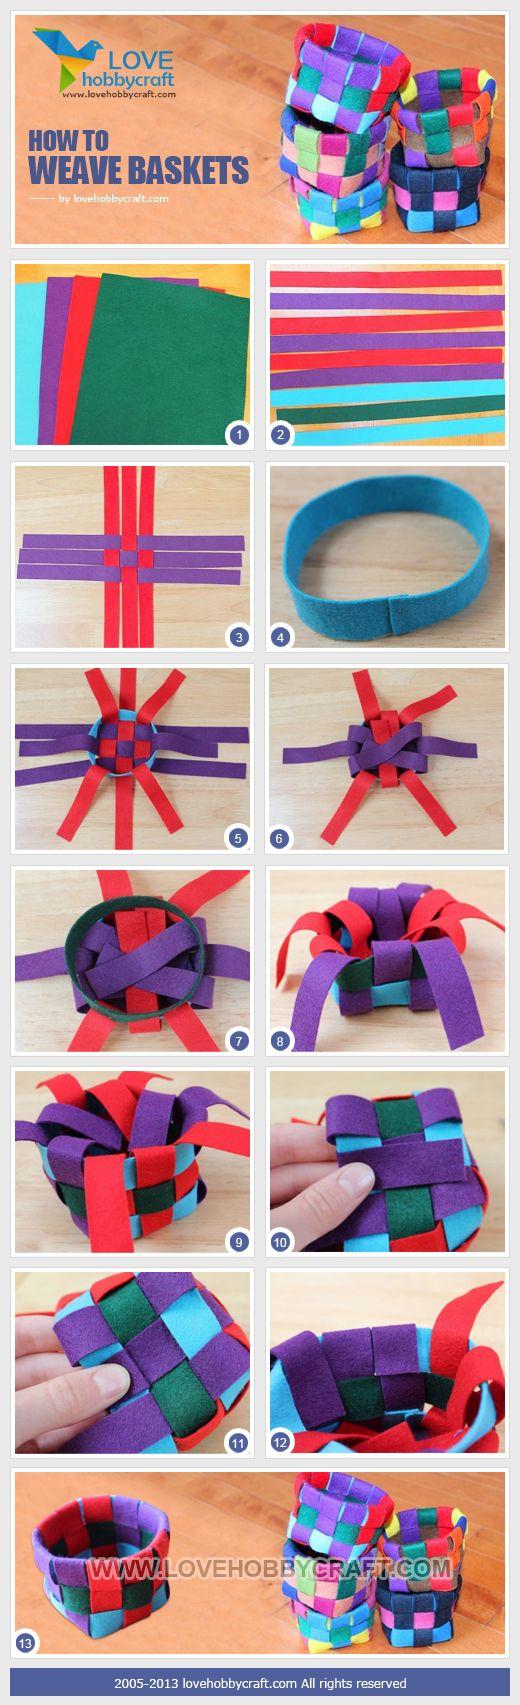 Basket weaving fabric diy - Come intrecciare cesti con strisce di tessuto (tutorial)